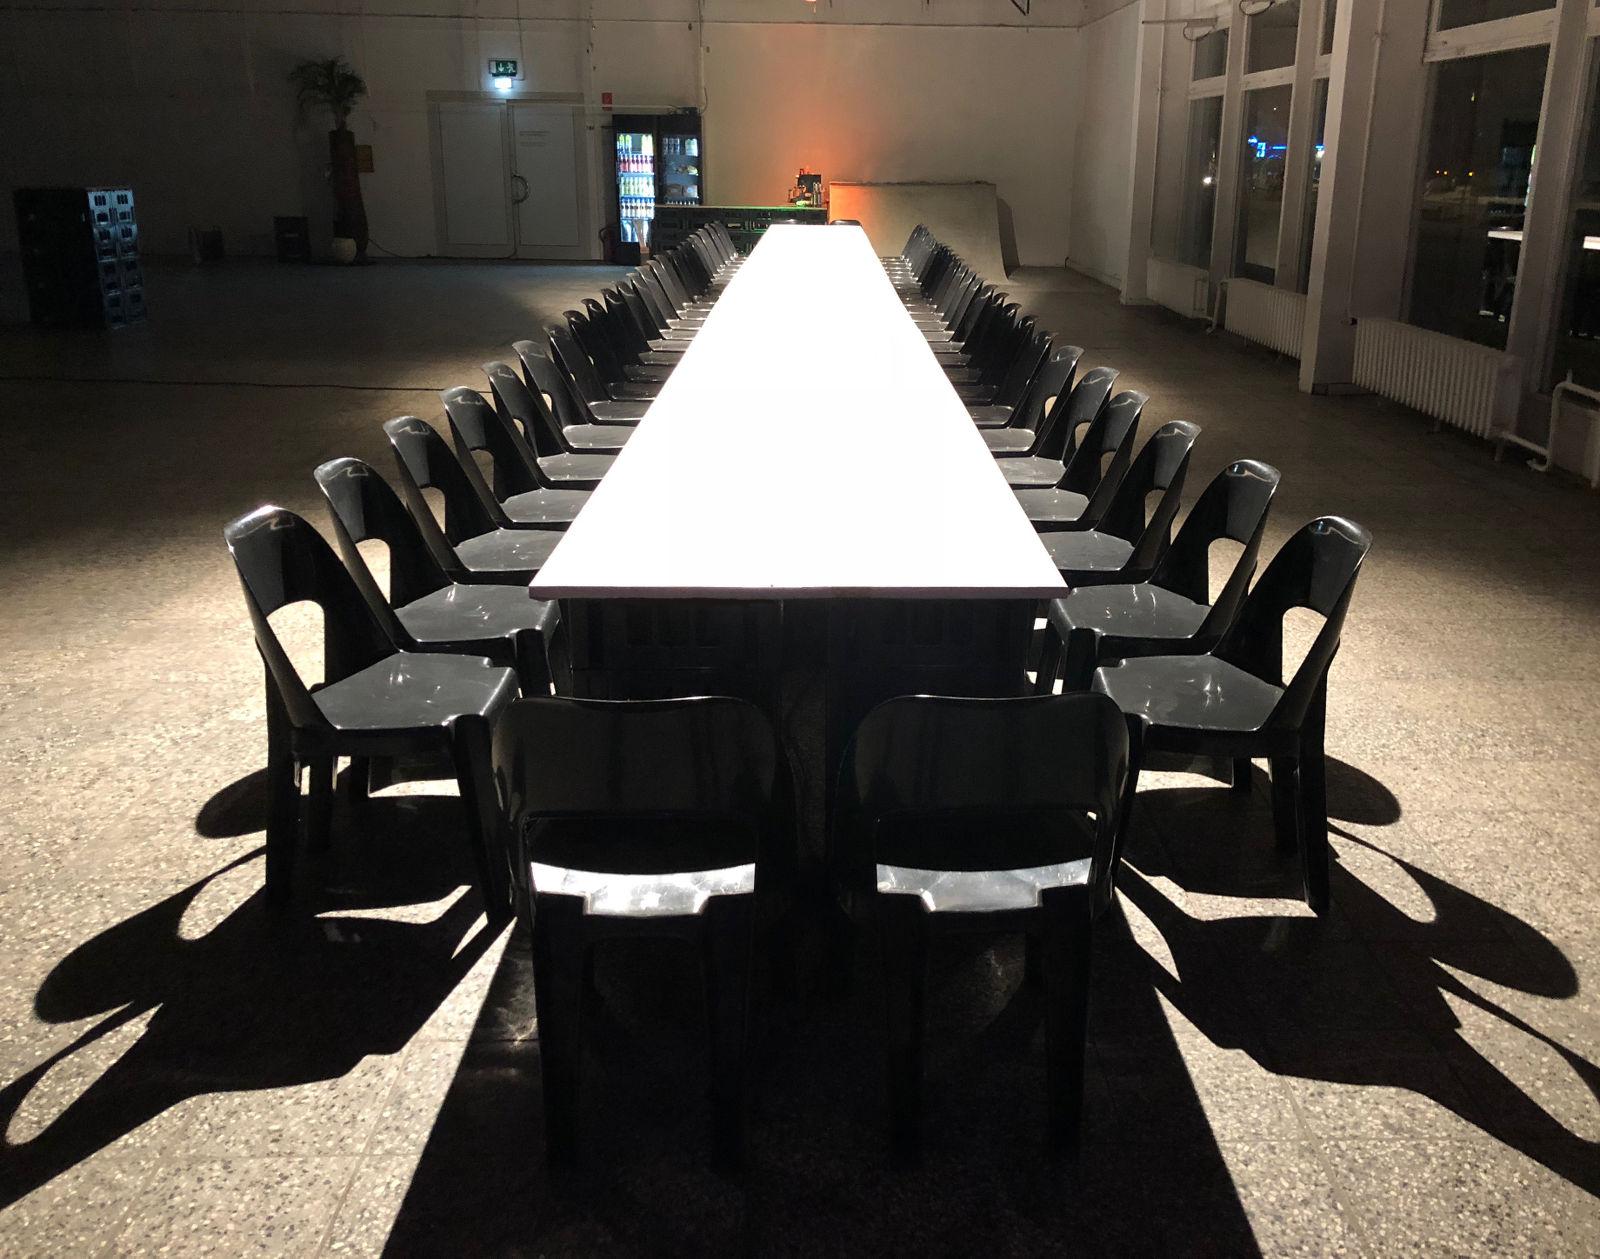 image für website von cratedesign_dem event mobiliar aus ungelabelten getraenkekisten aus berlin_mit der beschriftung_img-cratedesign-inspiration-dinnerperformance-tisch-lang-ungedeckt